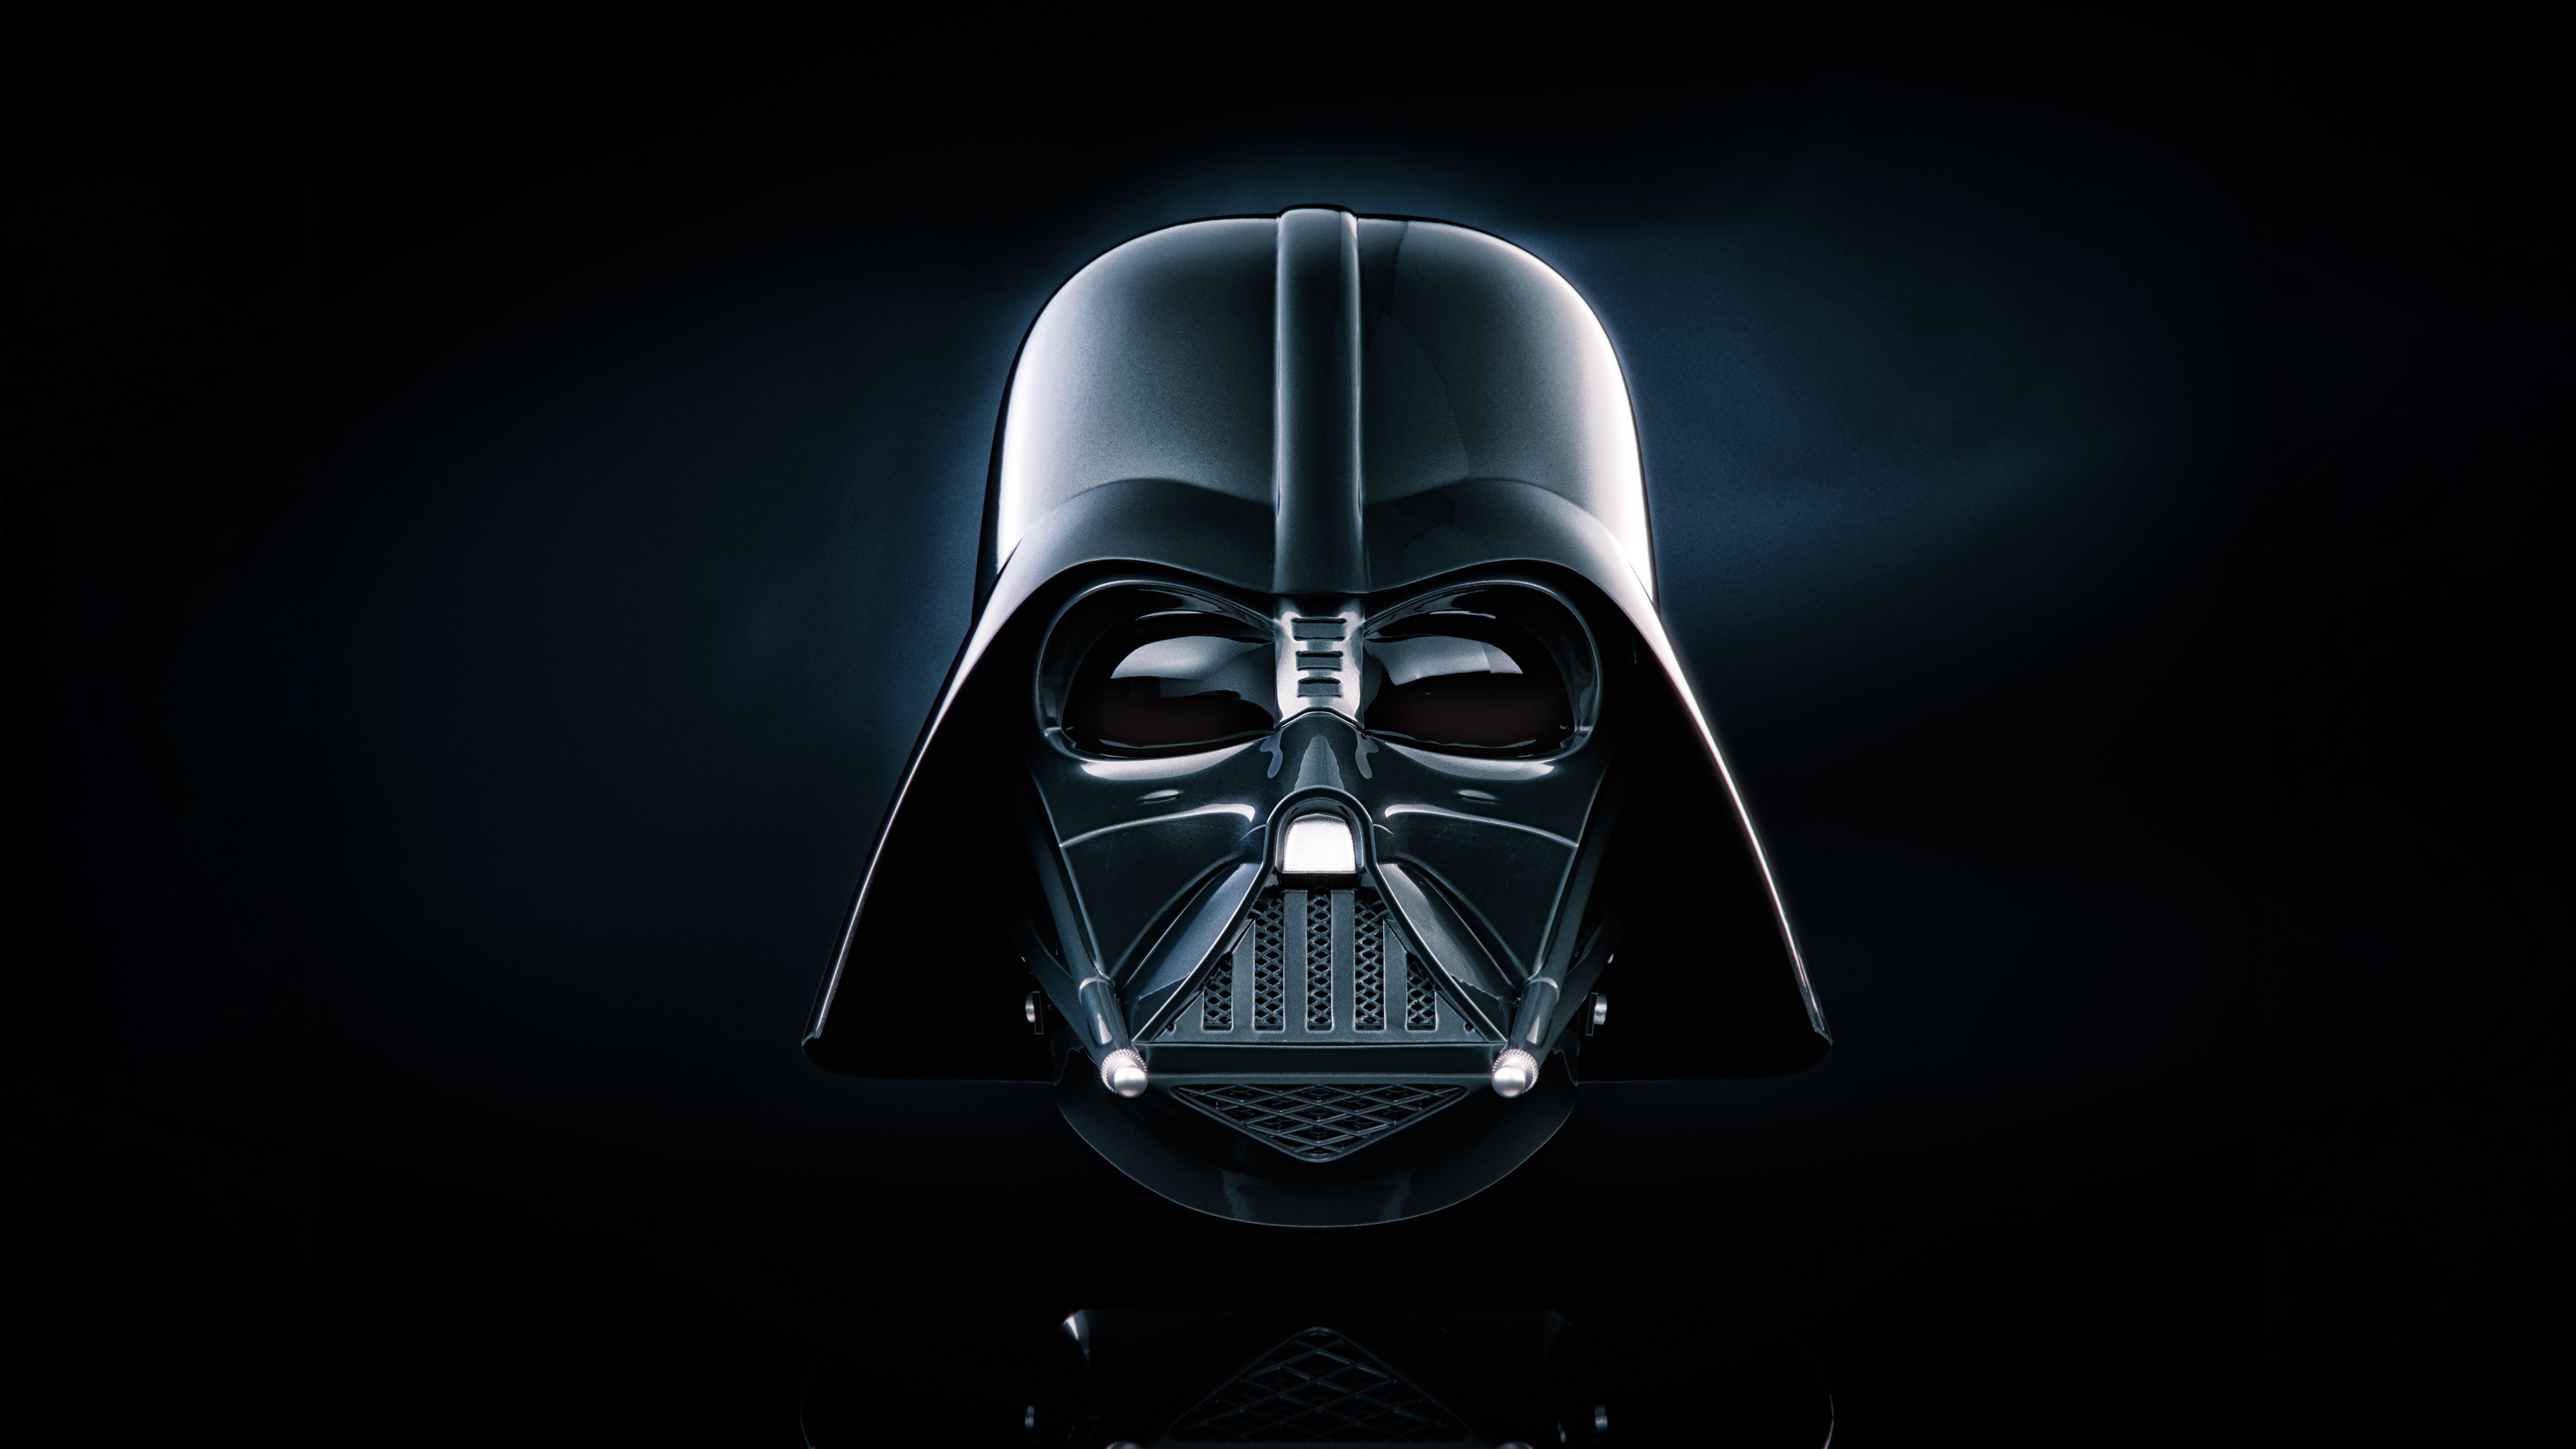 Darth Vader Wallpaper 8k Ultra Hd Id 3646